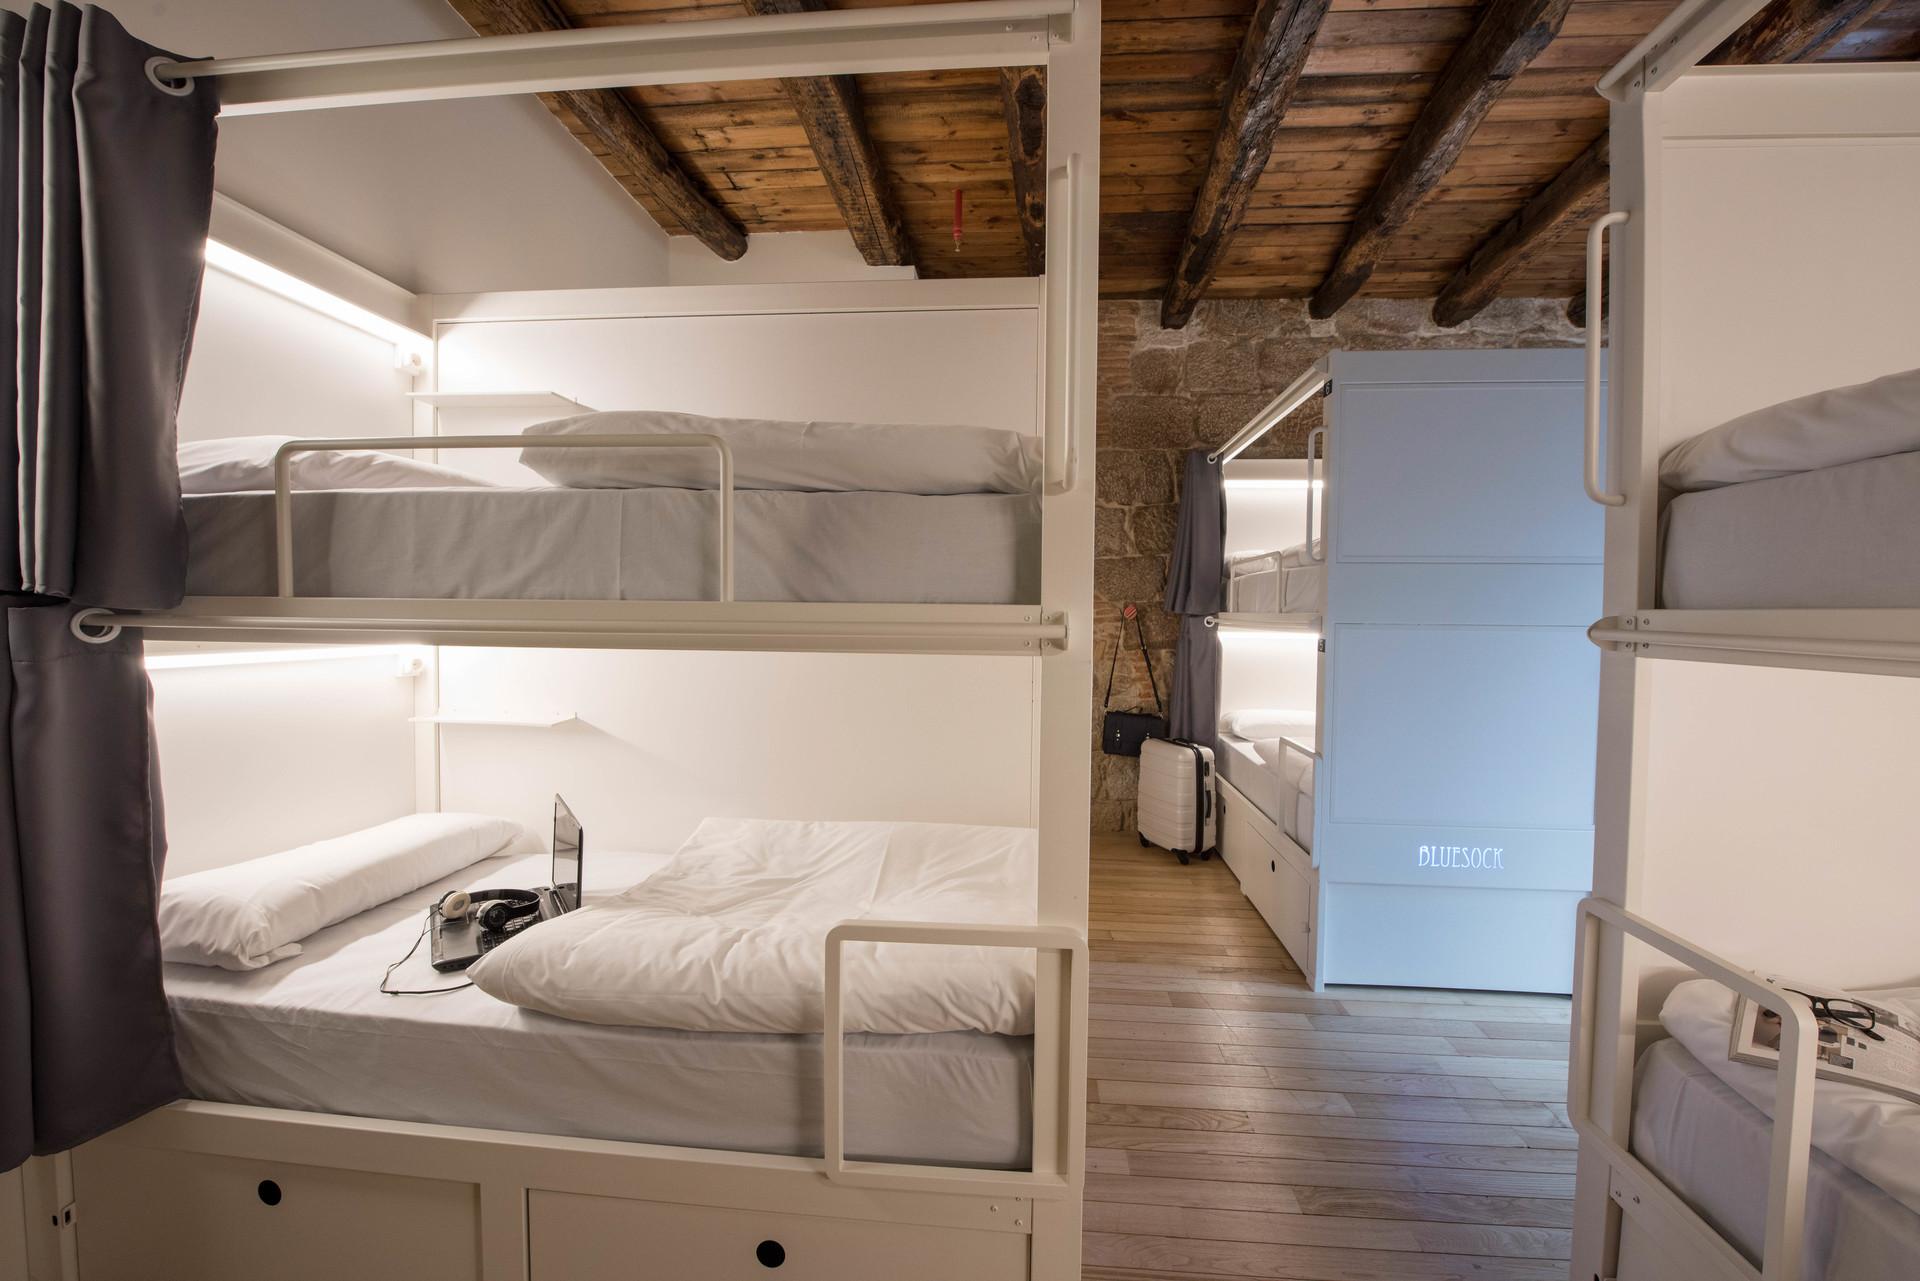 Cama en litera en habitaci n de 12 personas alquiler for Alquiler de habitaciones para 3 personas